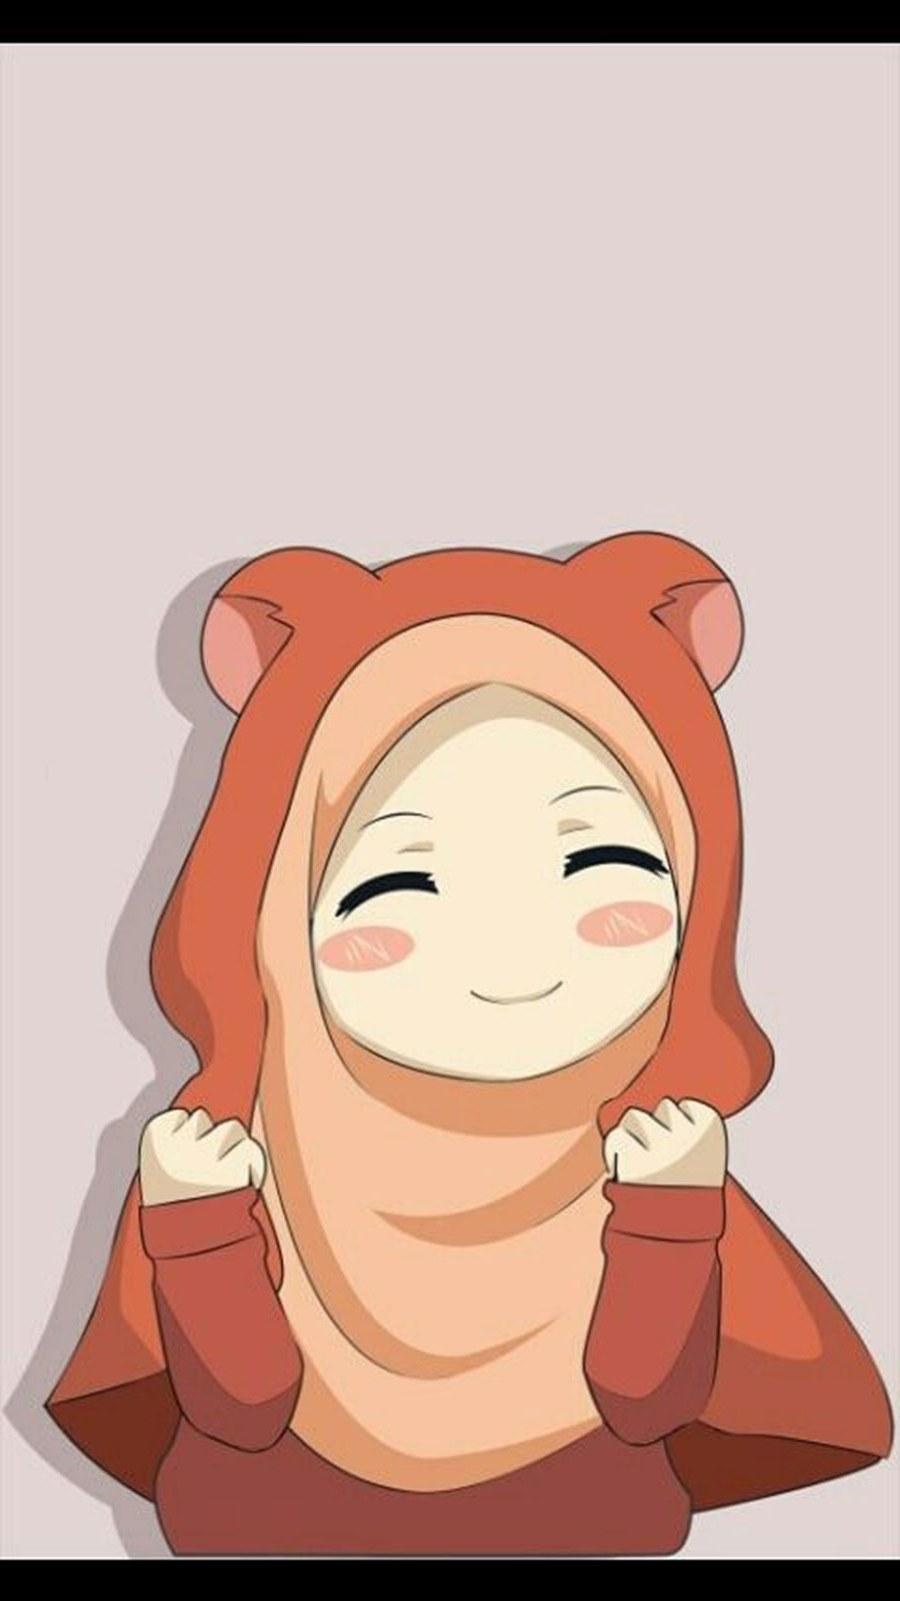 Inspirasi Muslimah Kartun Lucu 4pde 1000 Gambar Kartun Muslimah Cantik Bercadar Kacamata El